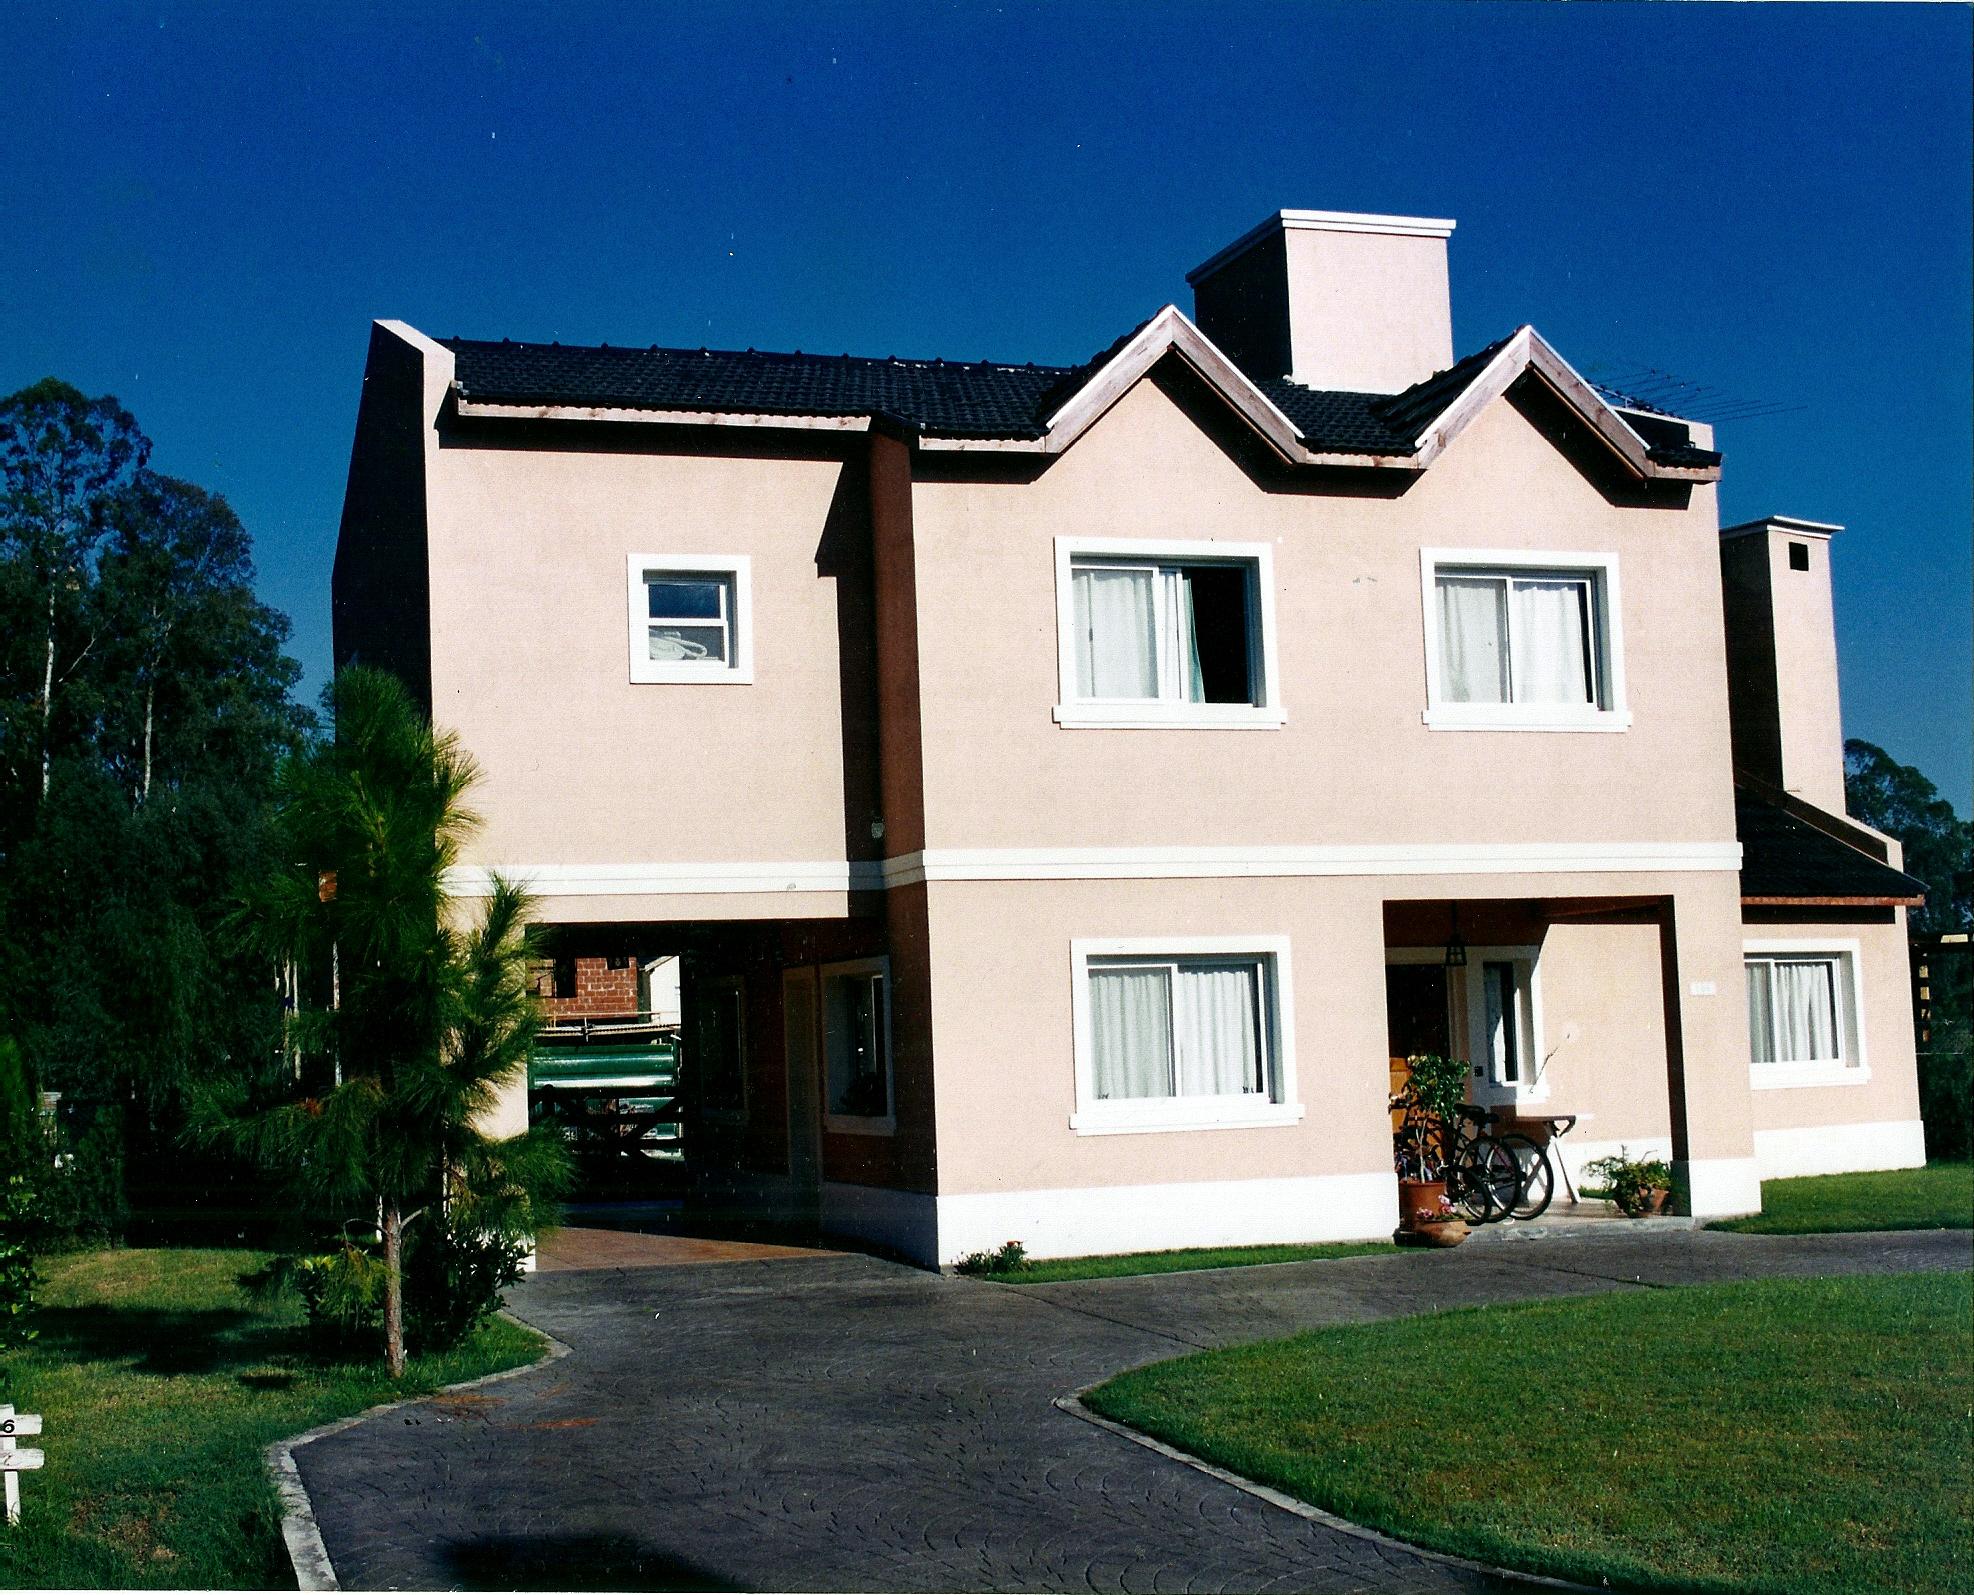 DOBILIA SA Construcciones - Casa Lote 73 - La Casualidad